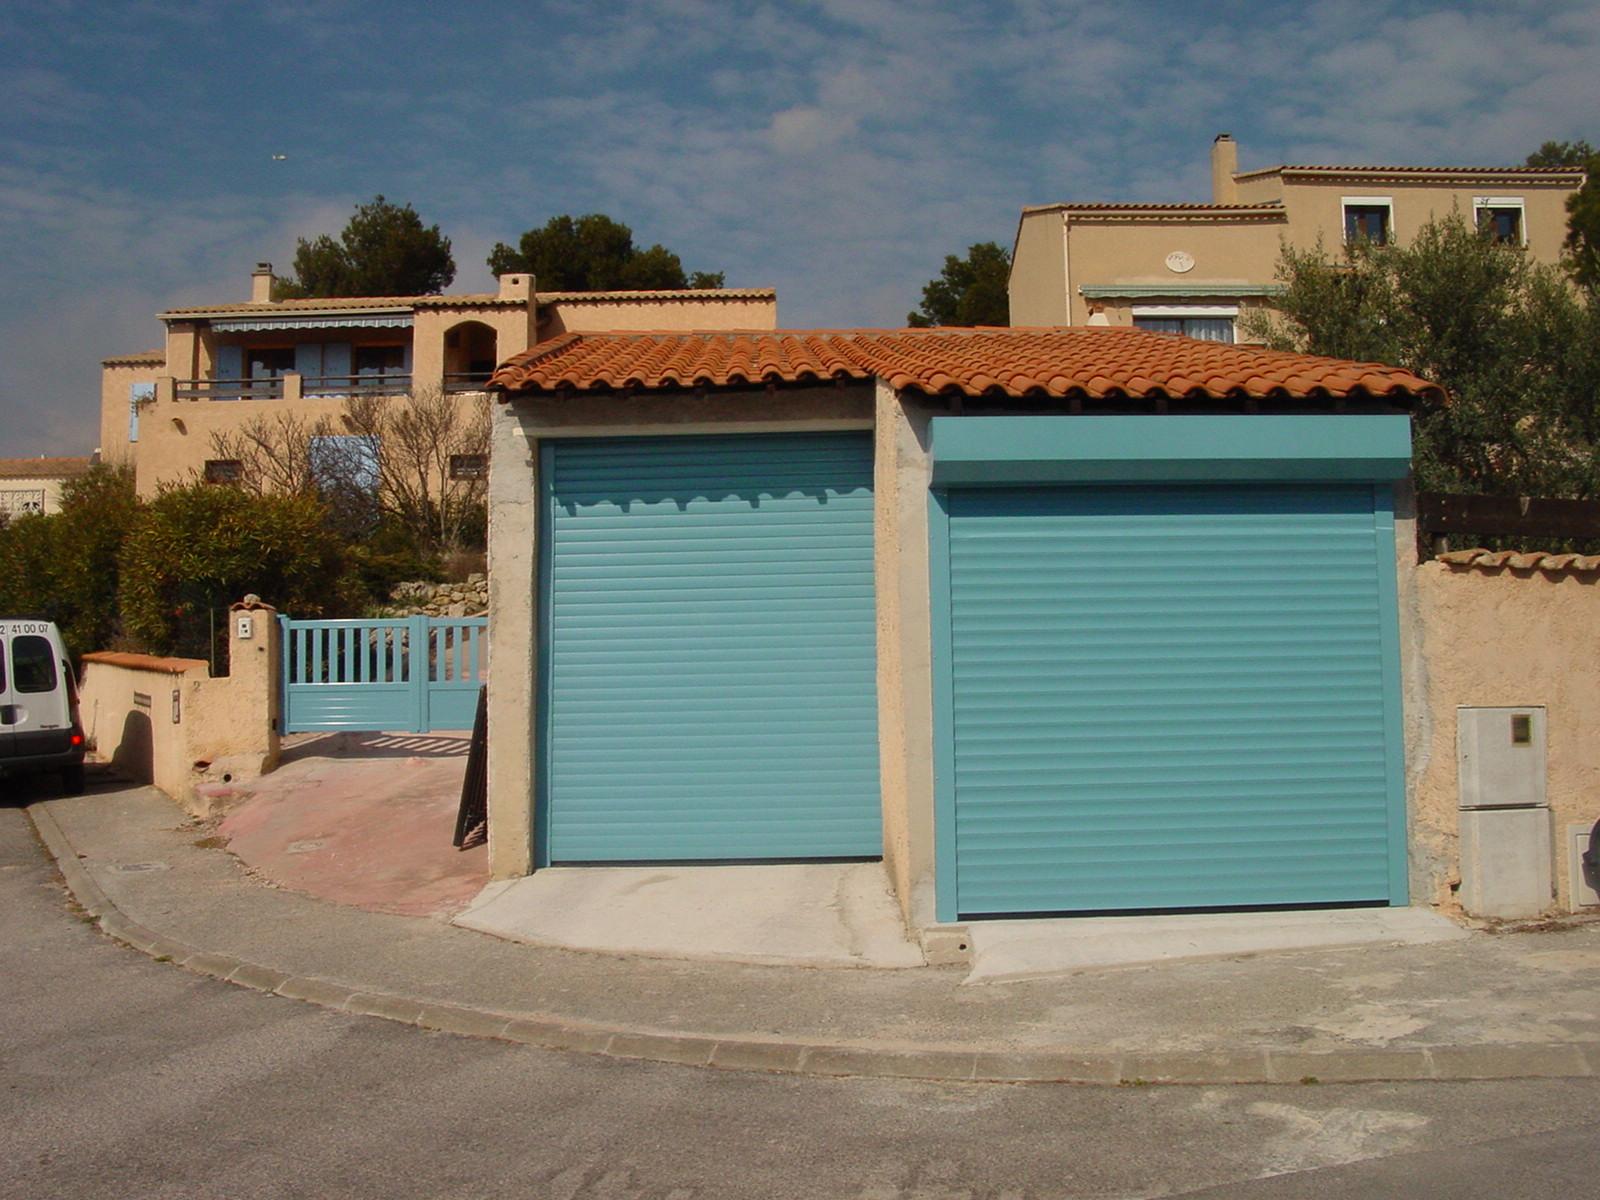 Porte De Garage Enroulable En Aluminum Installation Sur Arles Vente De Portail Automatique